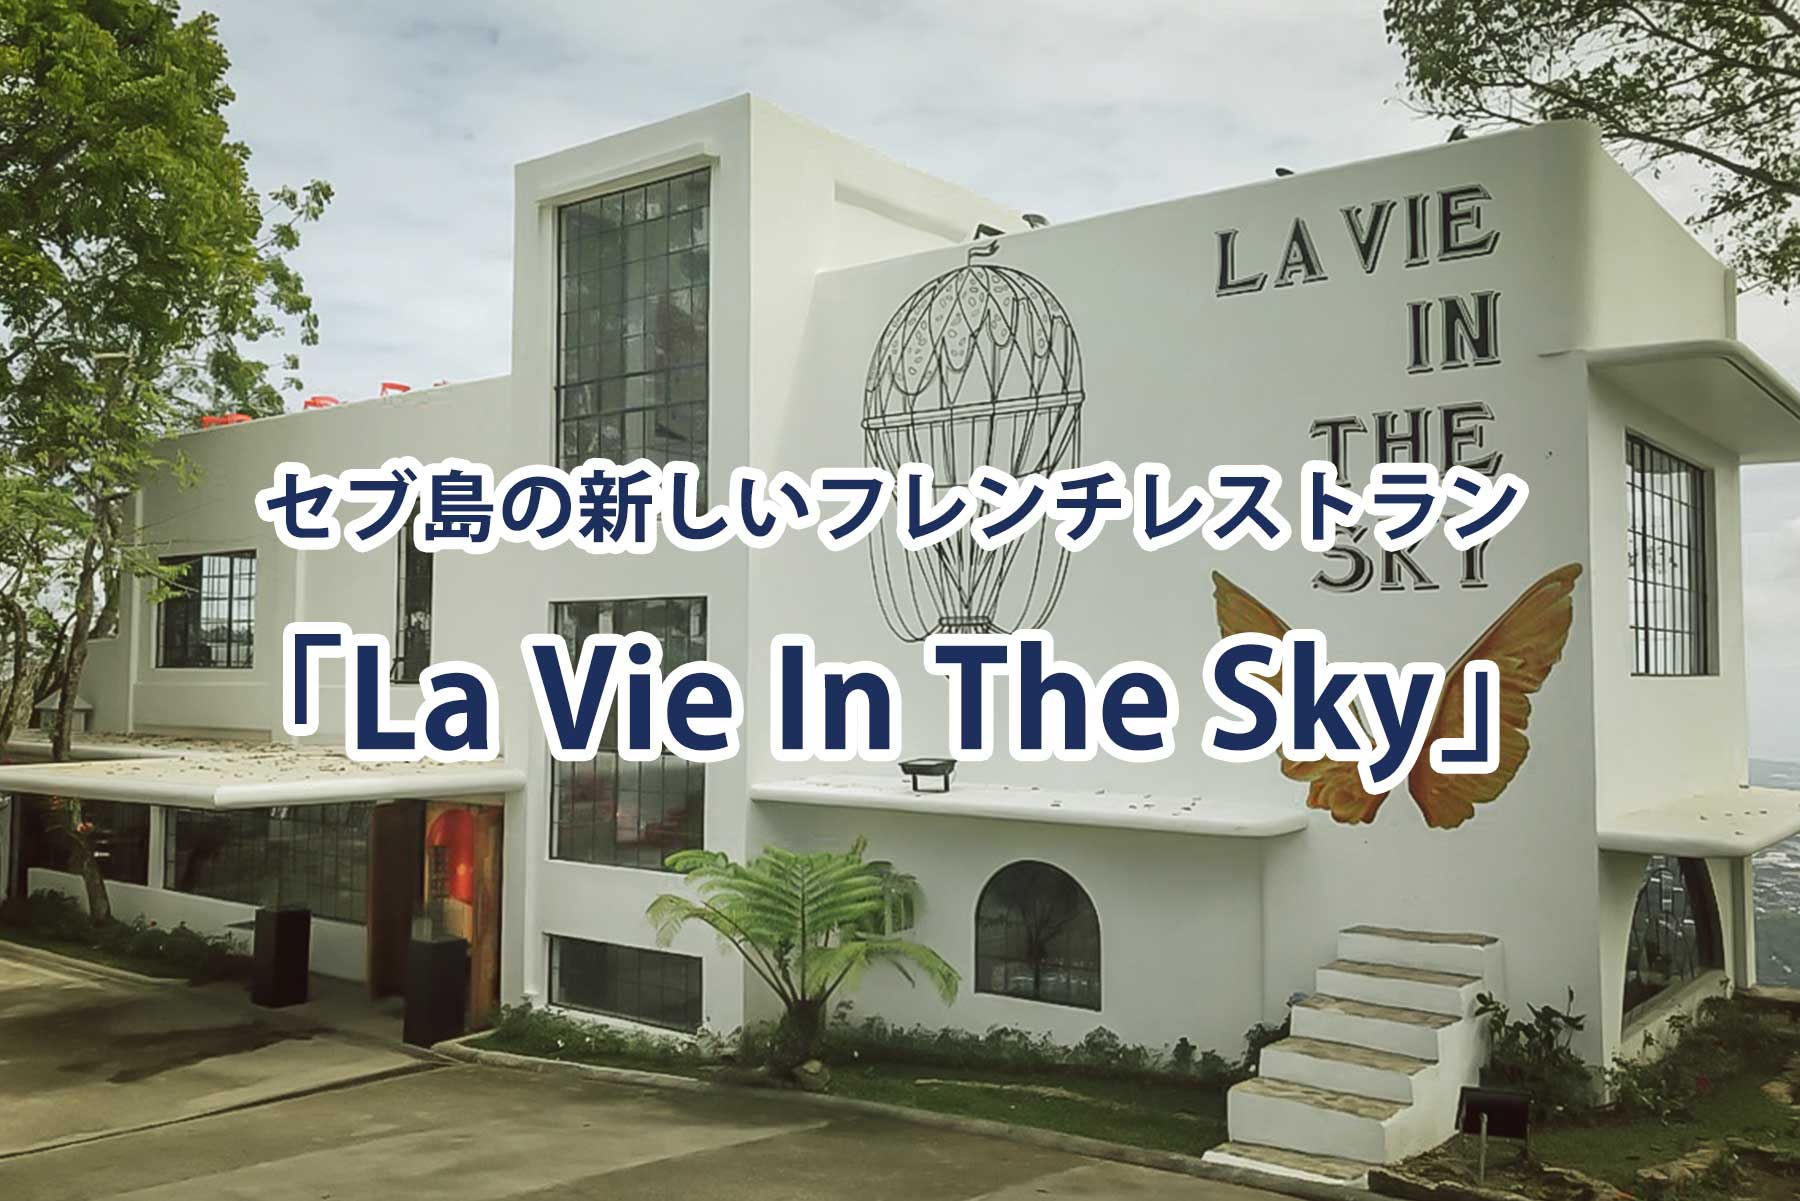 セブ島LA-BIE-IN-THE-SKY